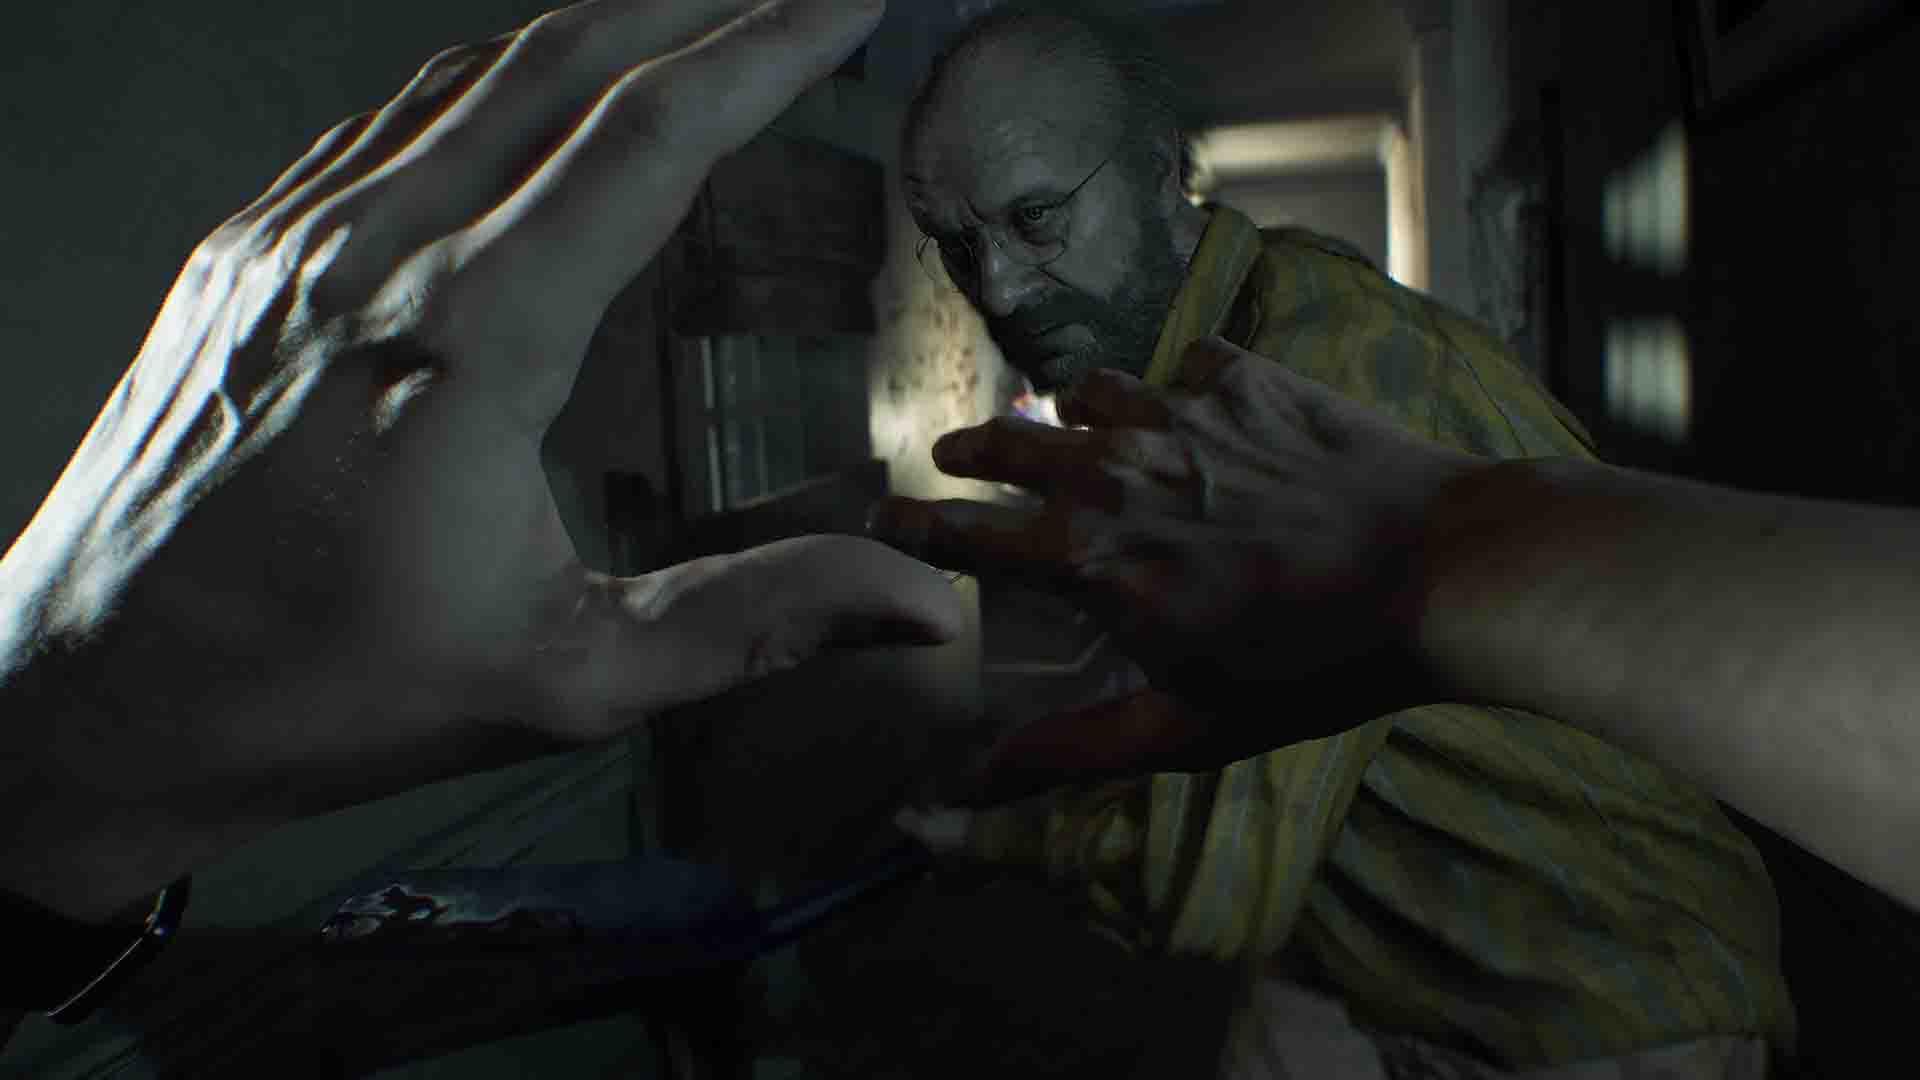 بازیResident Evil 7 biohazard(رزیدنت اویل 7)